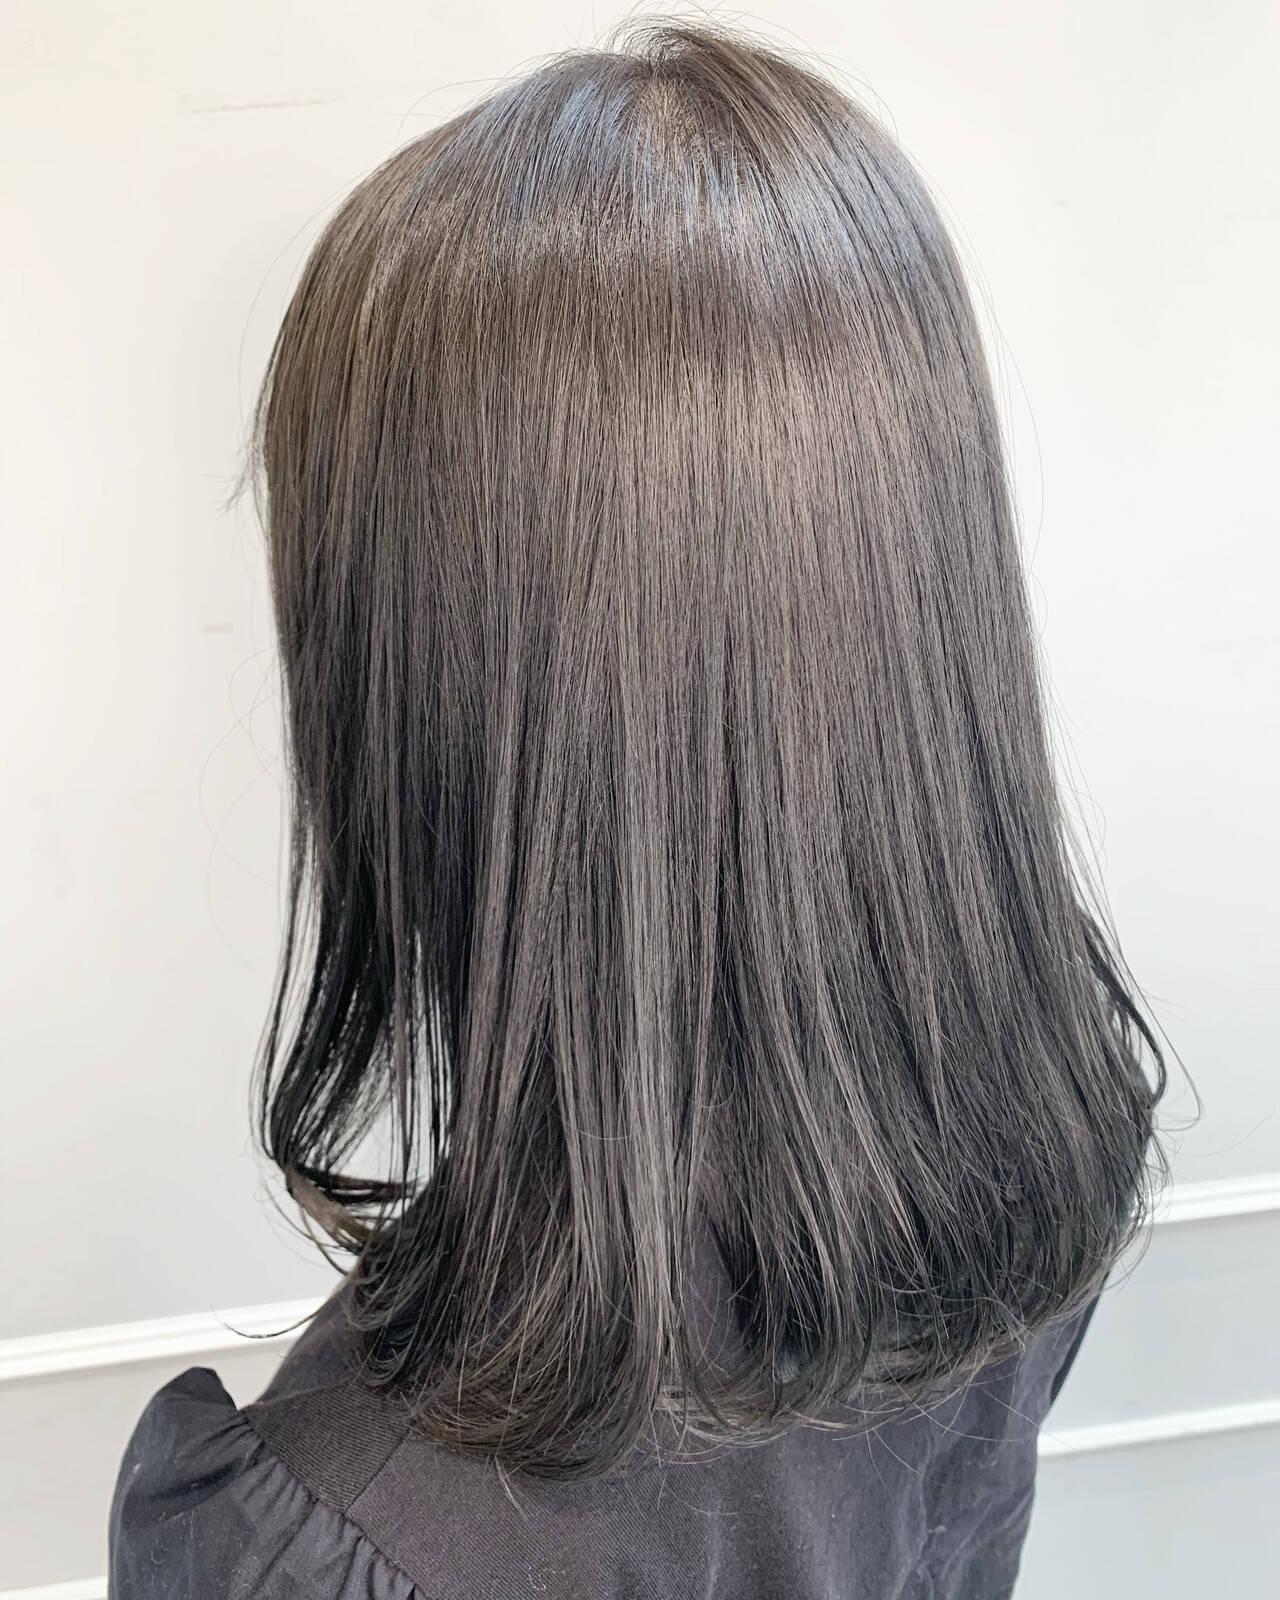 クール ナチュラル ブリーチ ダークグレーヘアスタイルや髪型の写真・画像